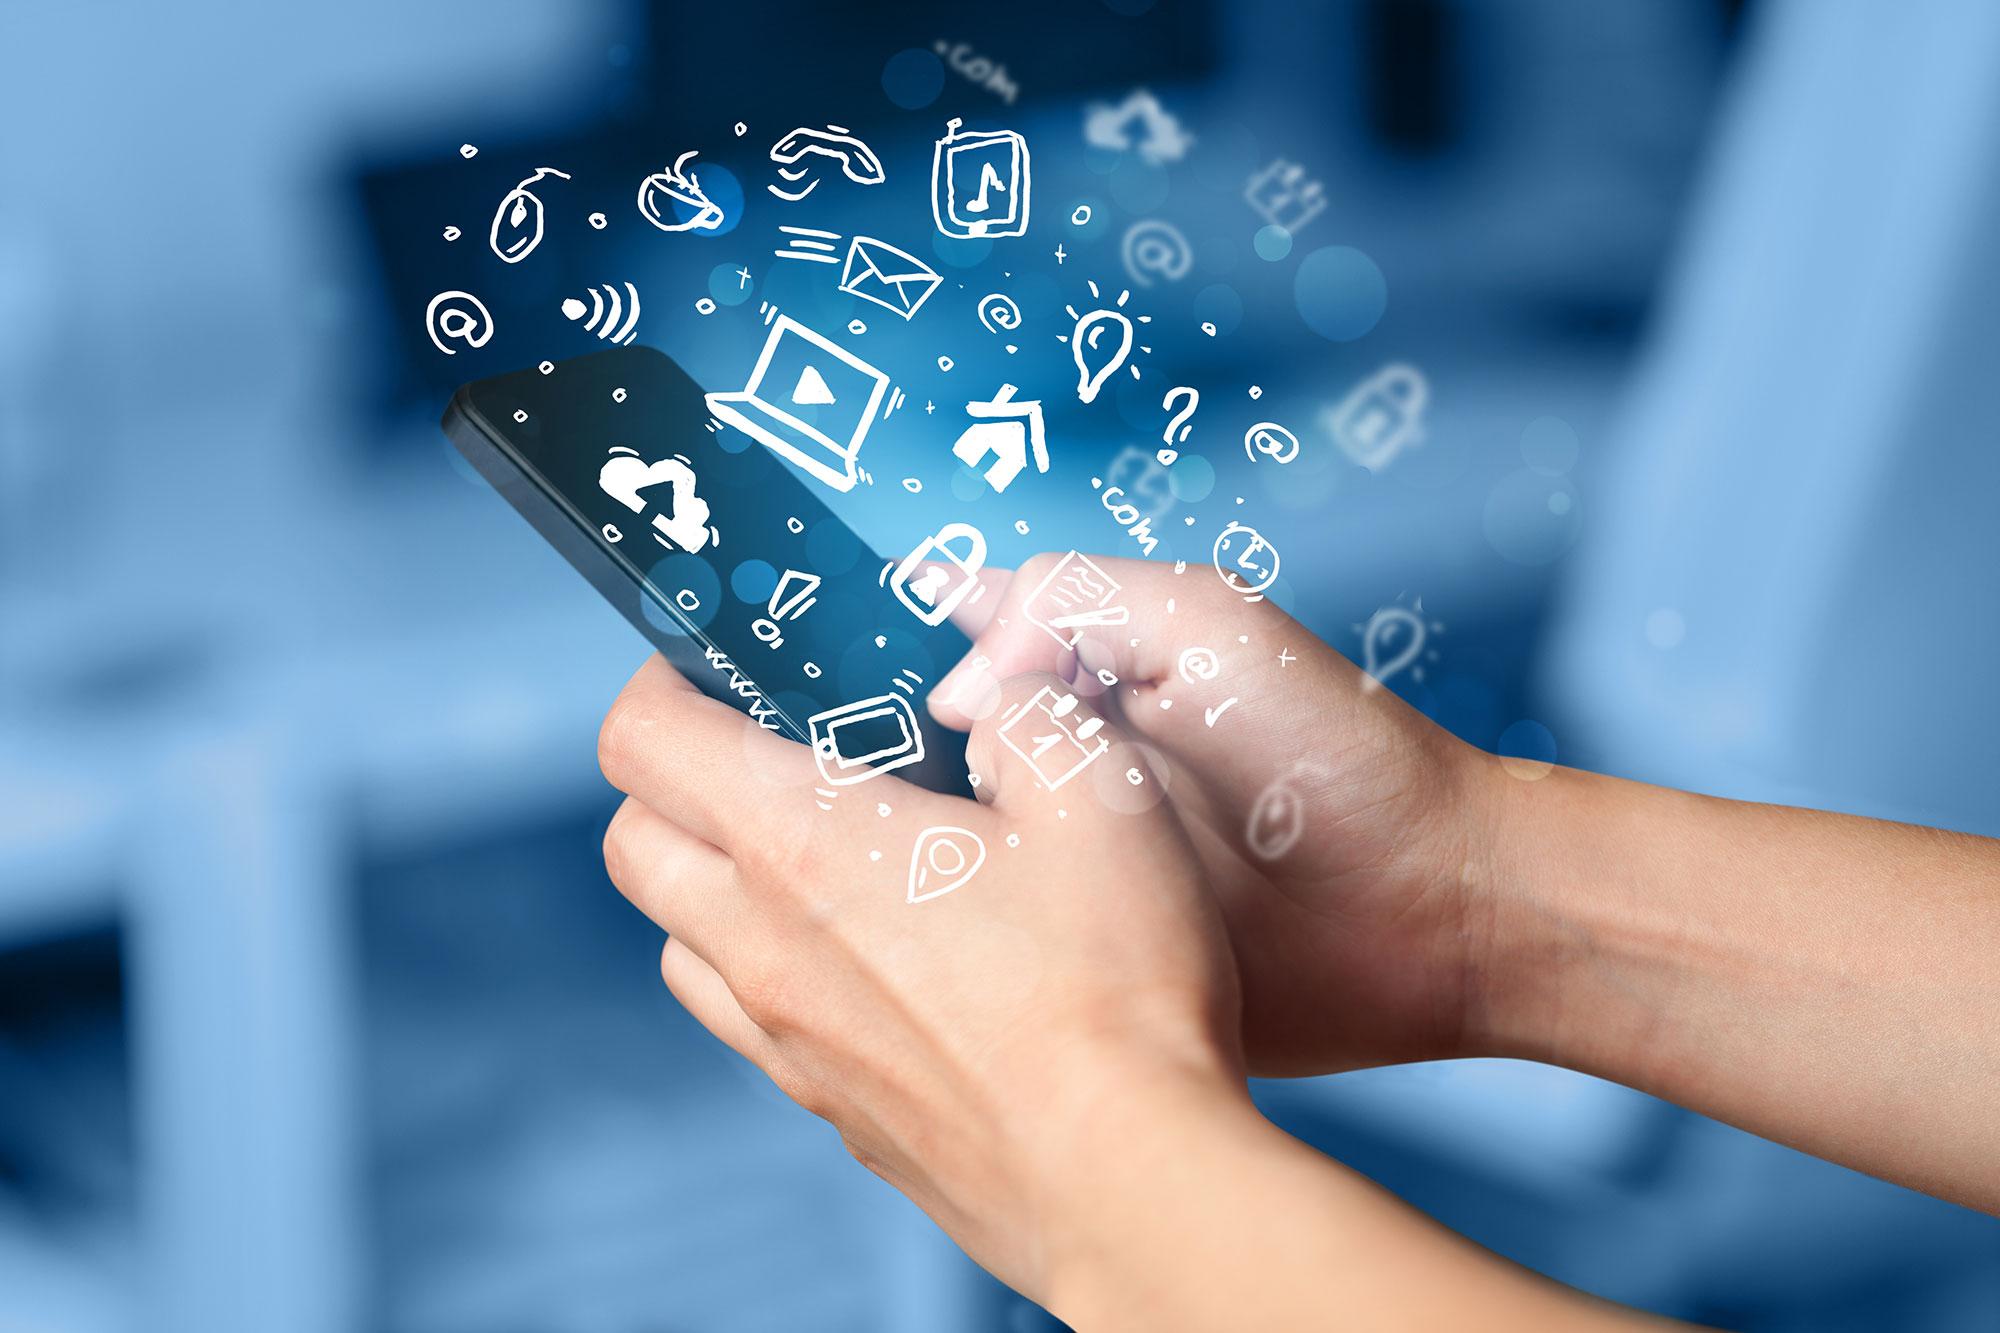 ANOVO presenta 3 tendencias en apps para tu teléfono móvil